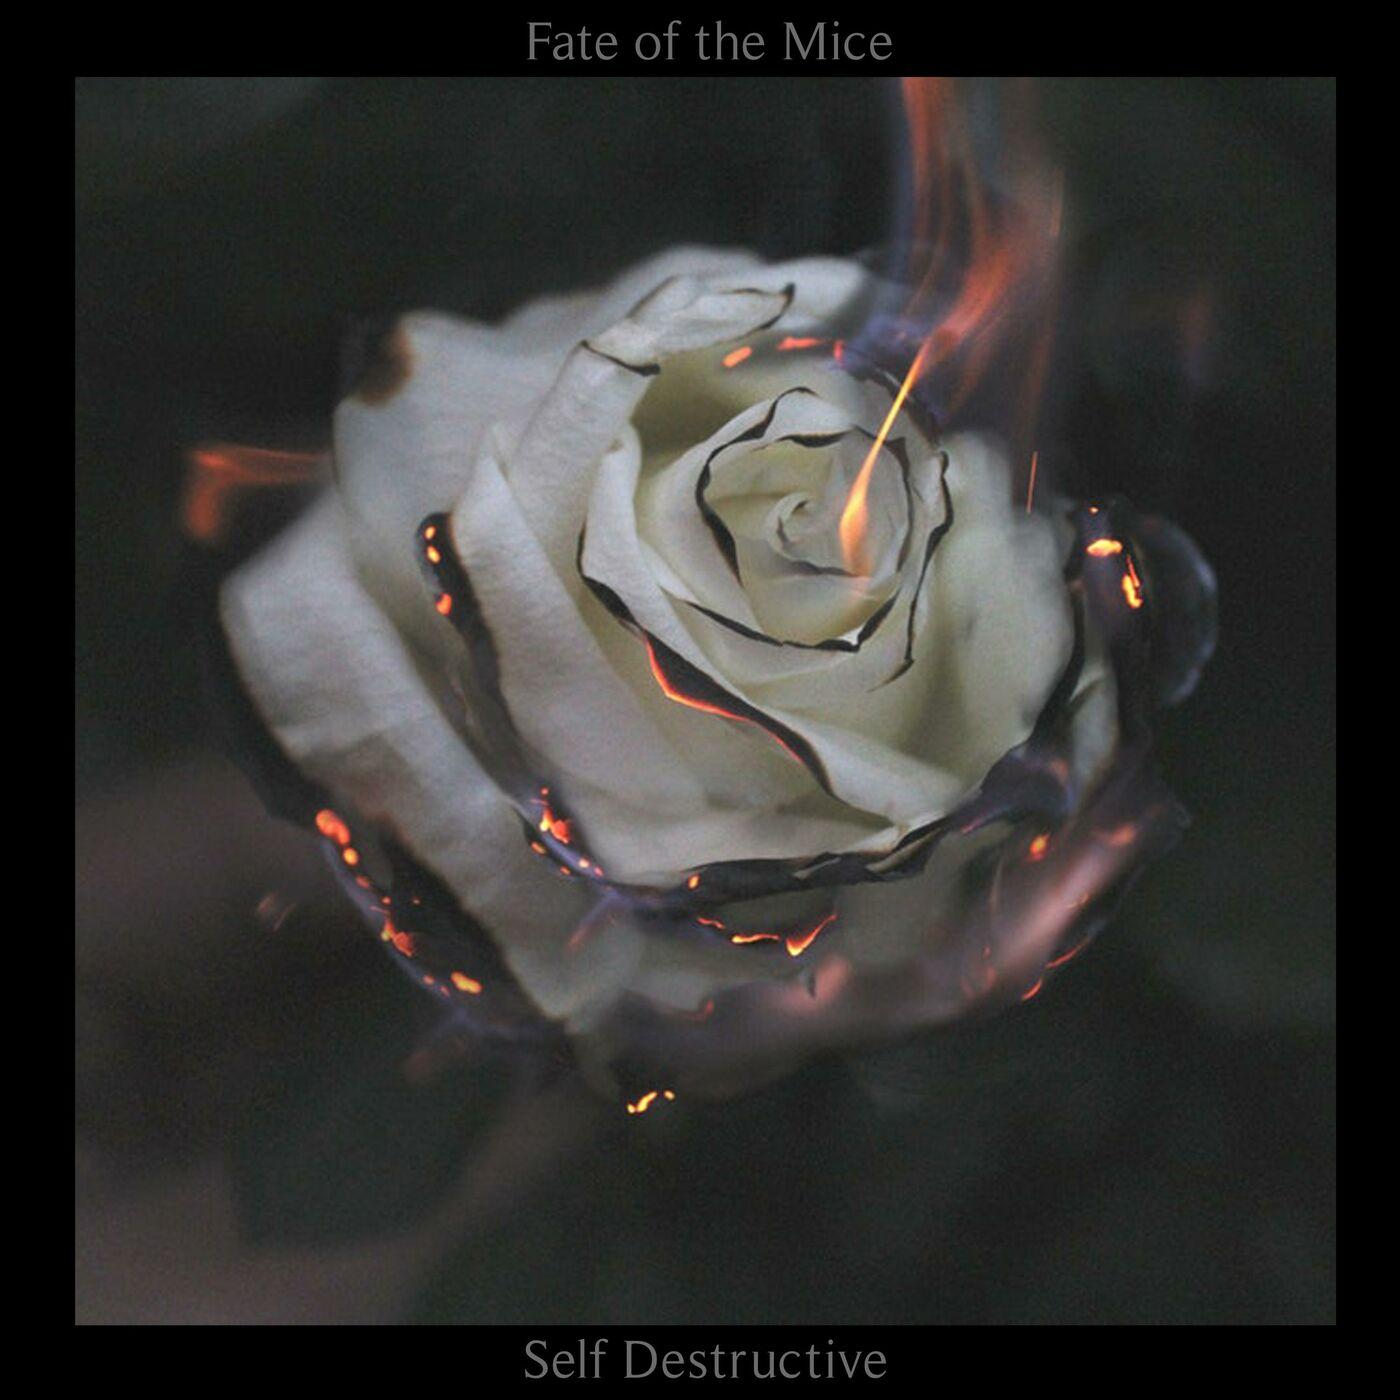 Fate of the Mice - Self Destructive (2018)